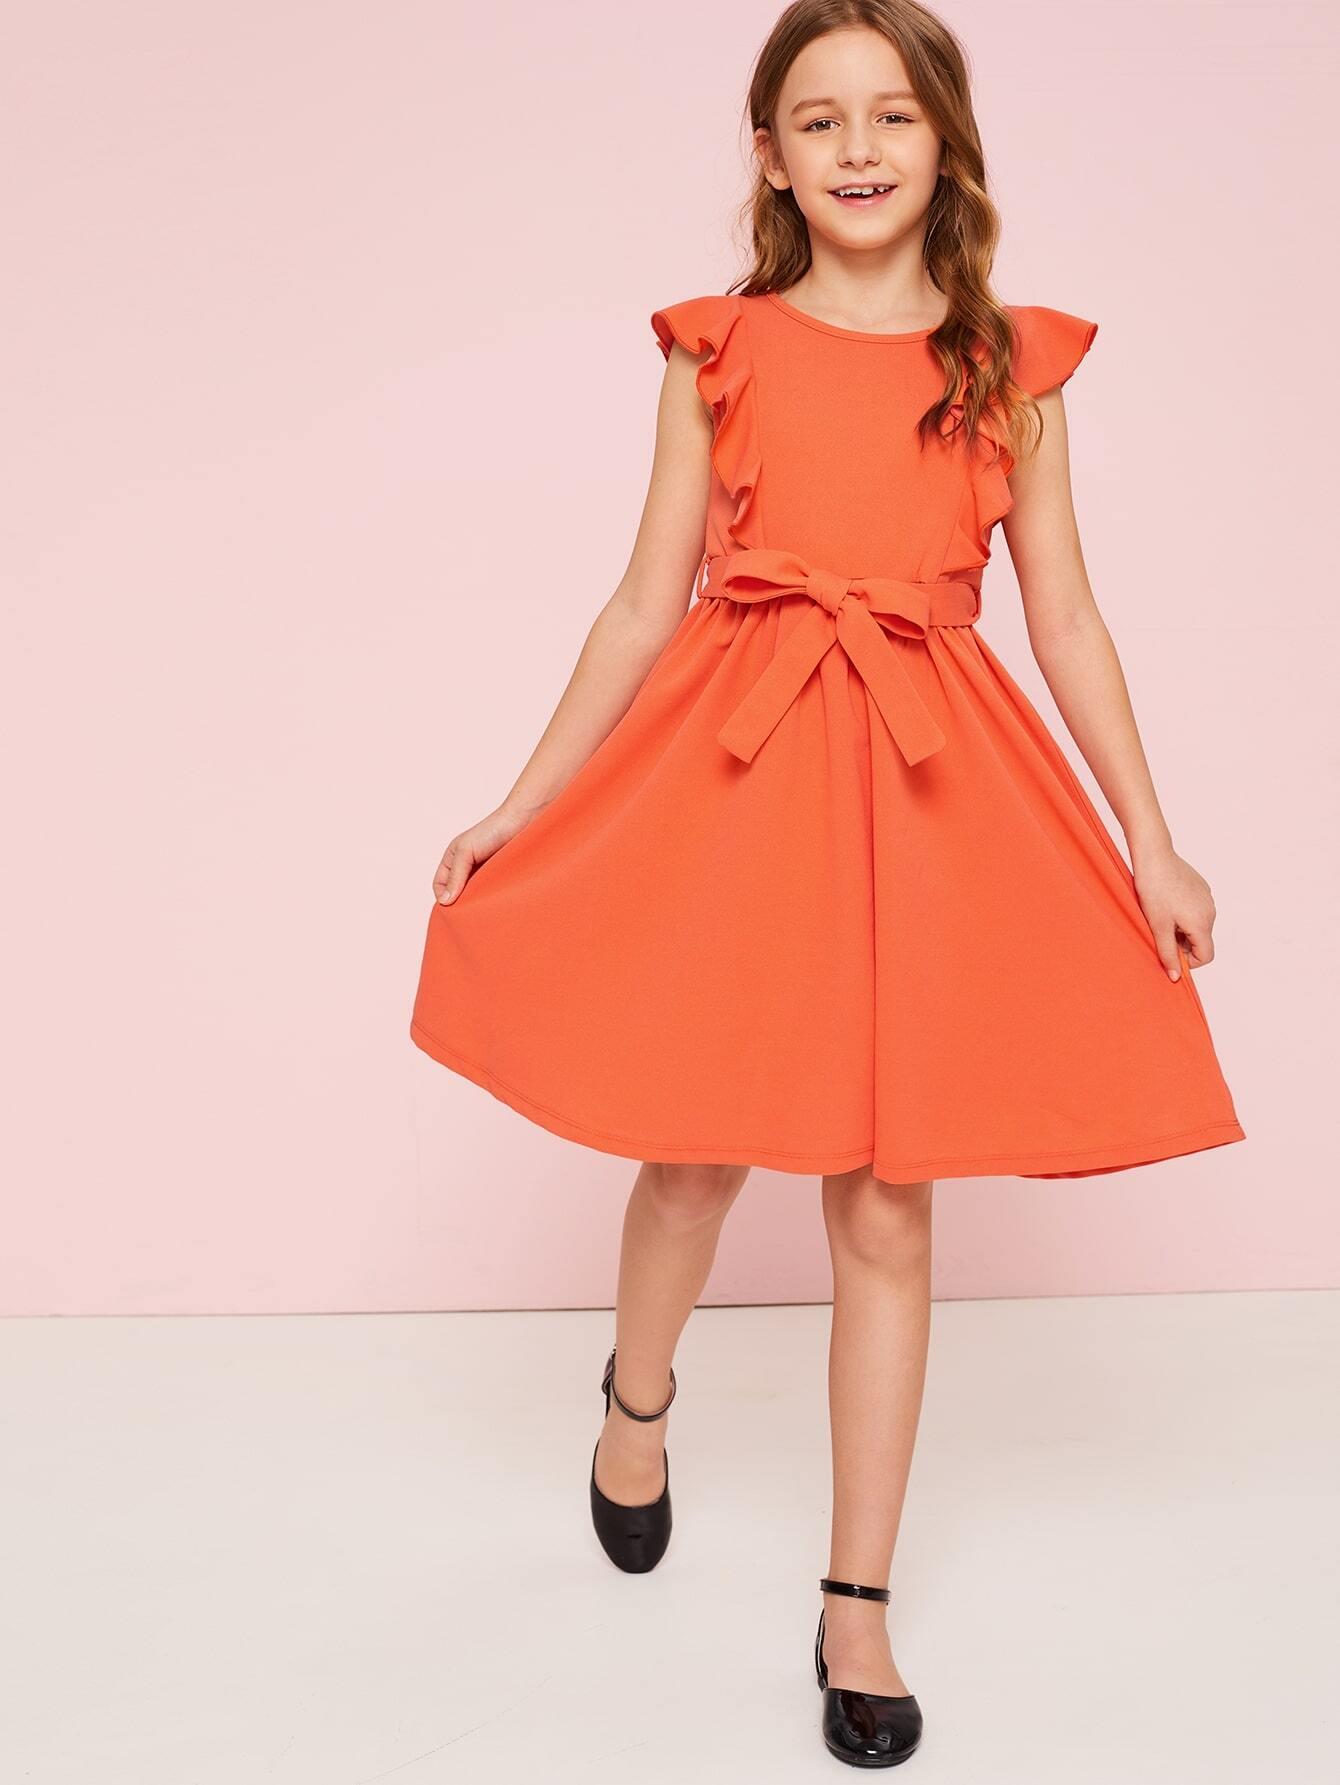 Mädchen Neon Orange Kleid mit Raffung und Gürtel   SHEIN